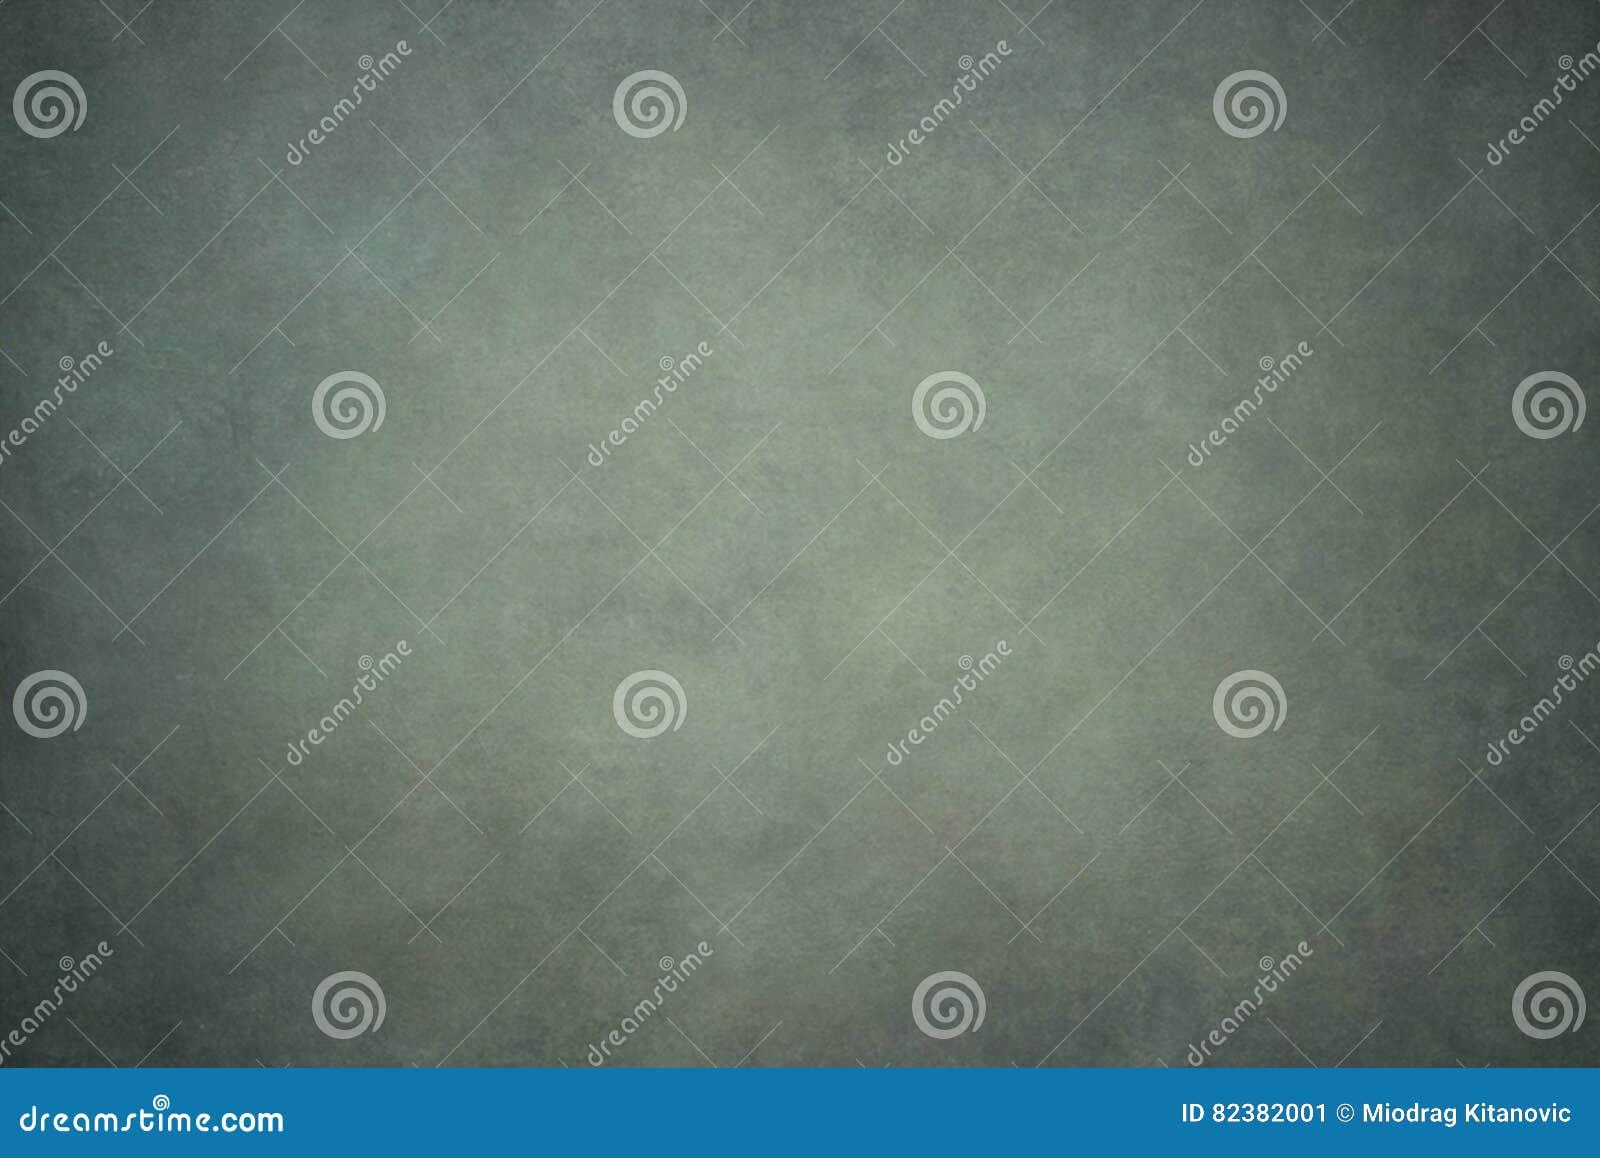 灰色绿色被绘的帆布或平纹细布背景